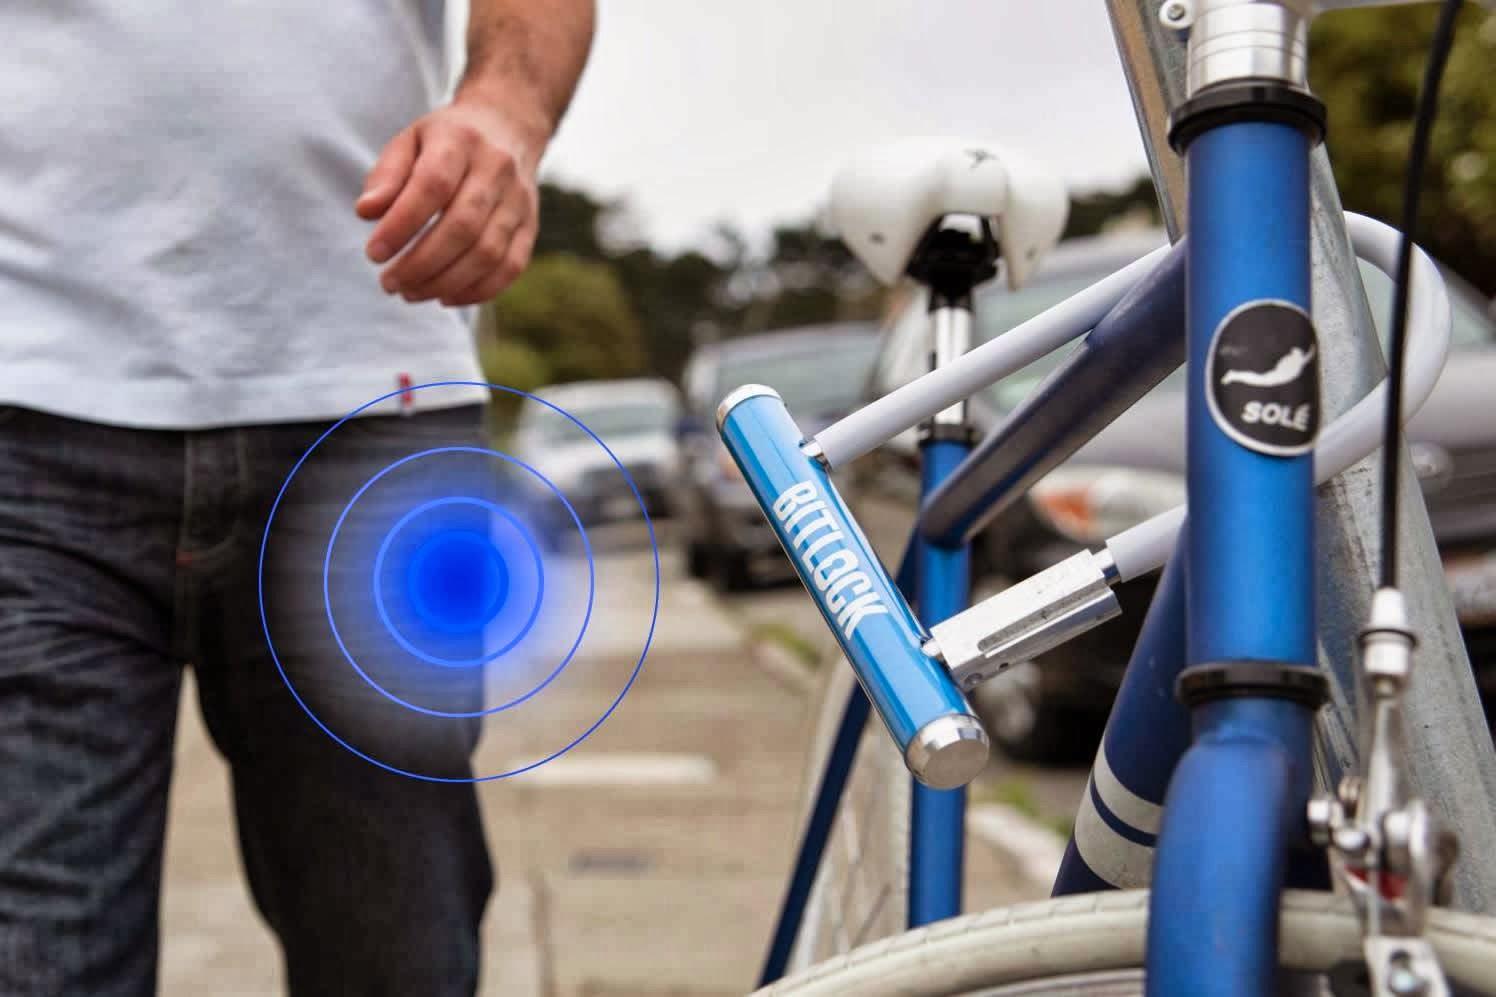 「Bitlock 藍牙單車智能鎖」的圖片搜尋結果